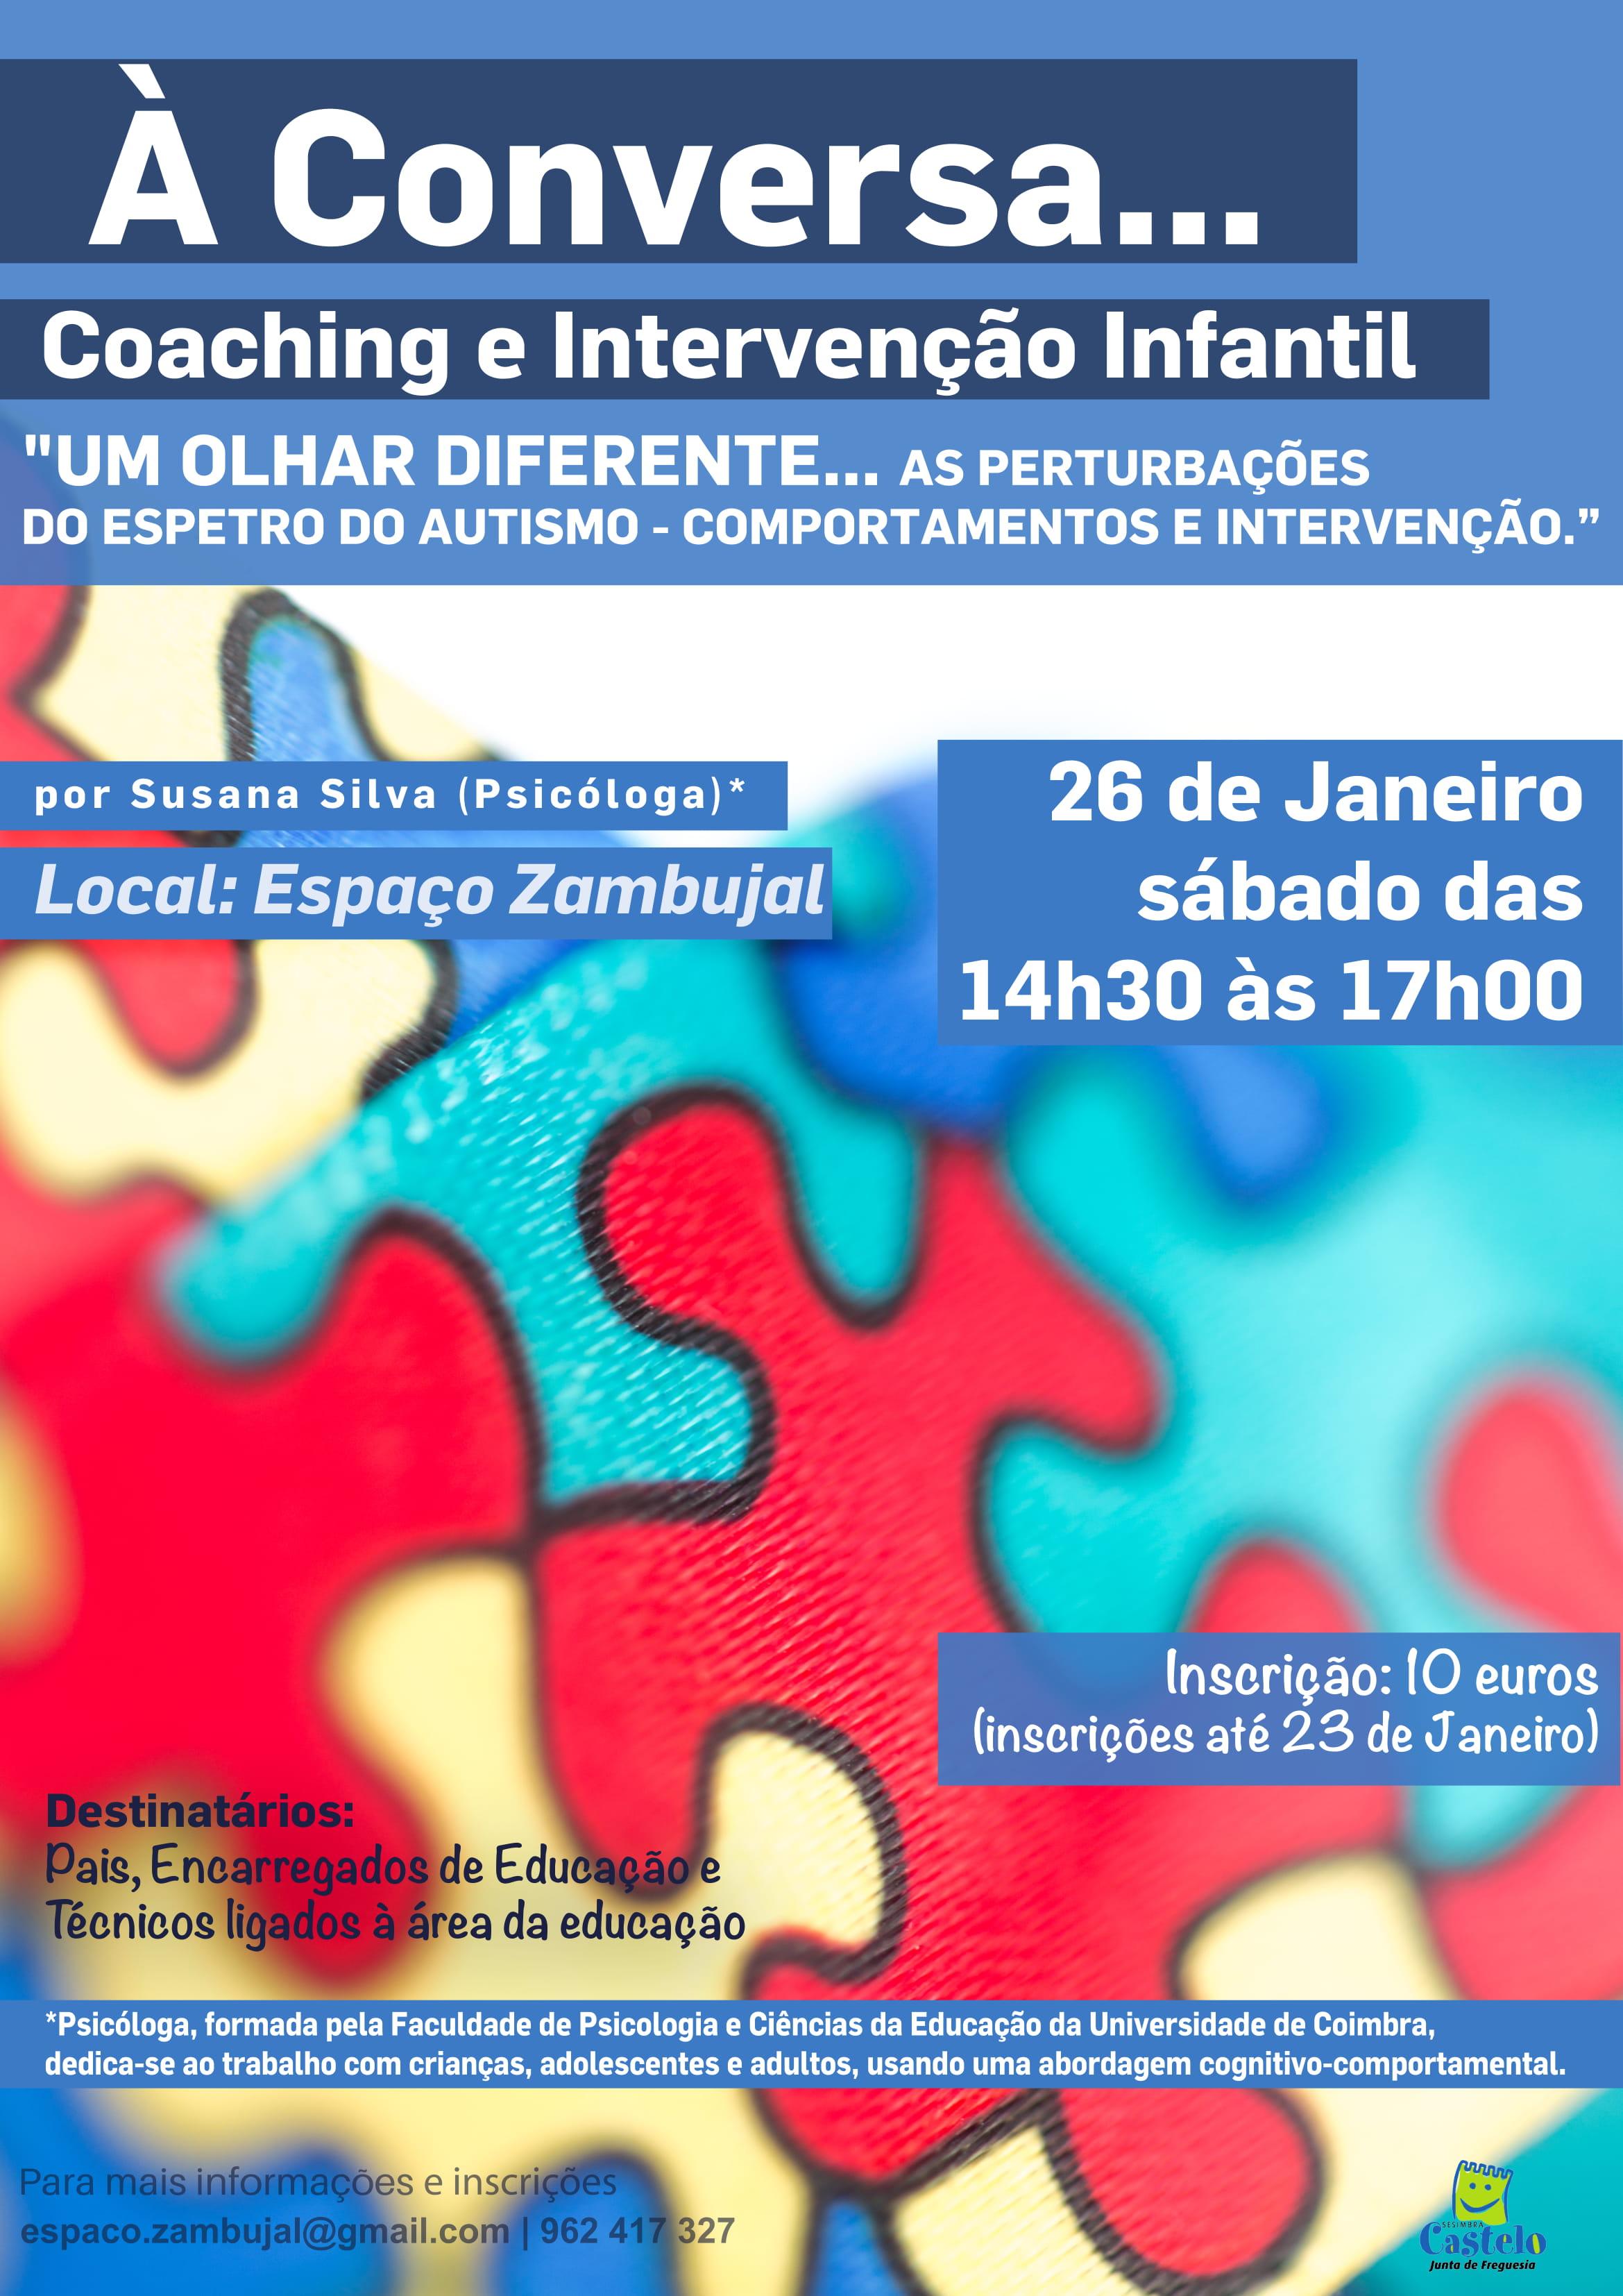 À Conversa... Coaching e Intervenção Infantil